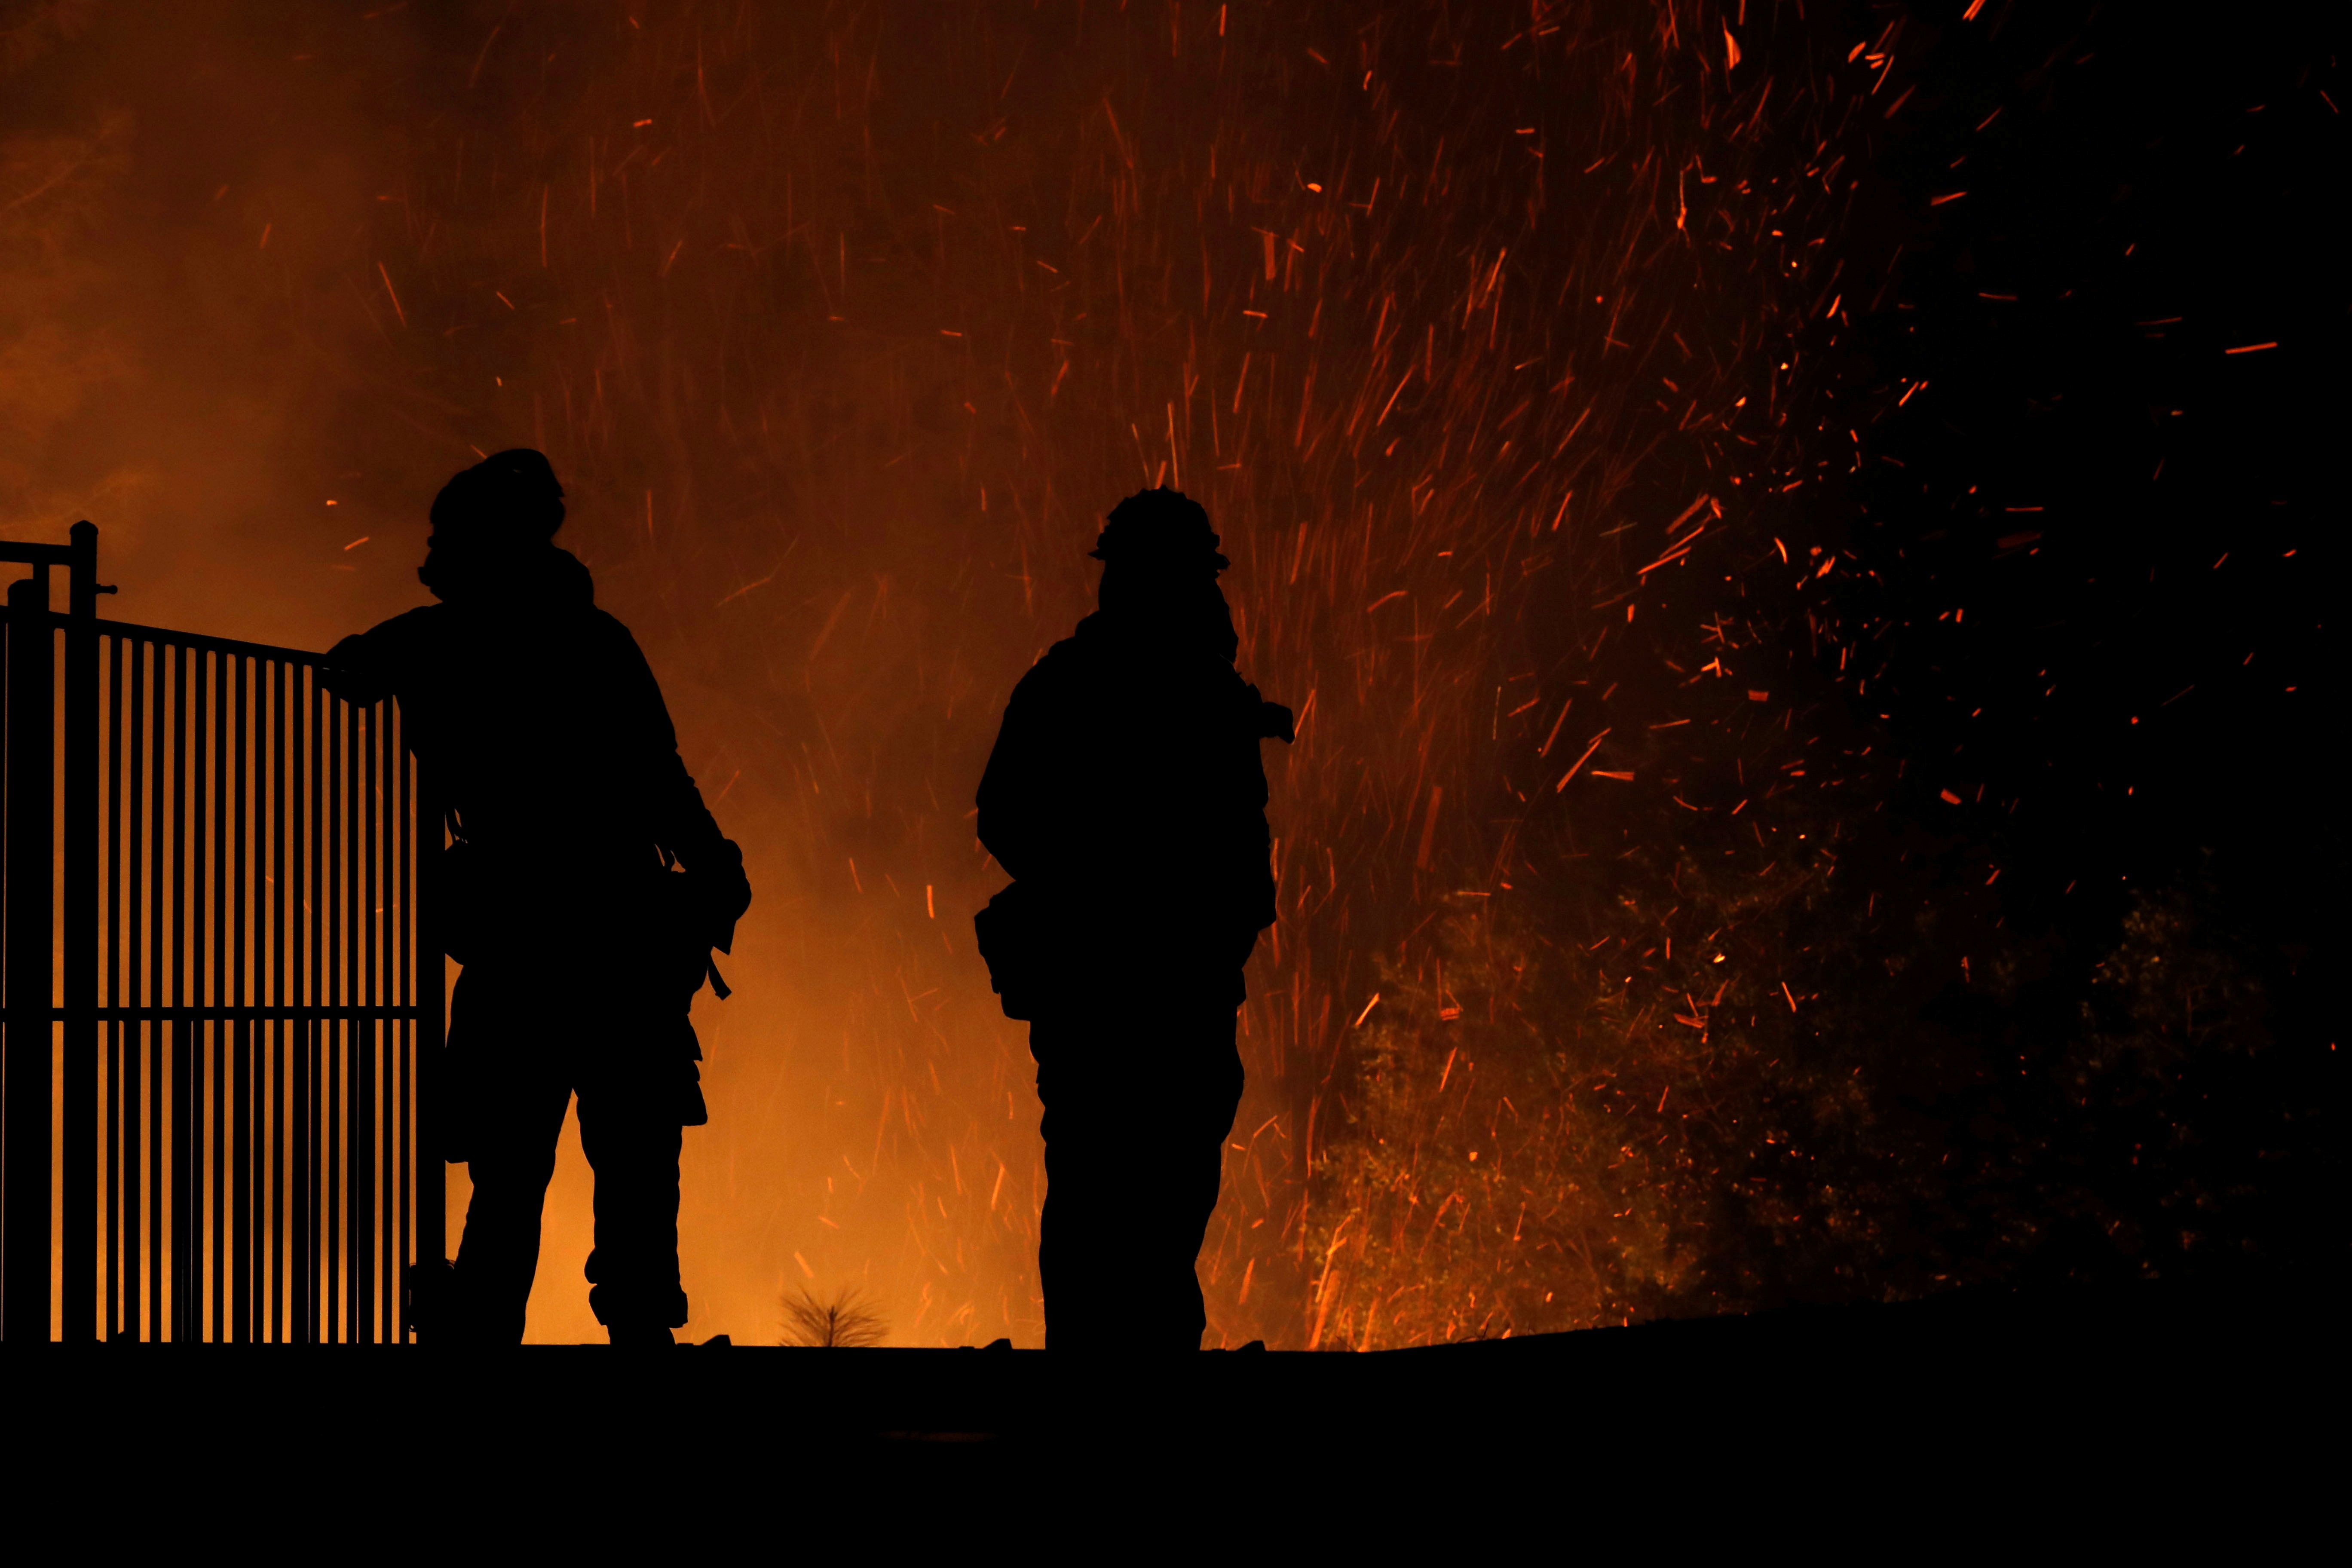 Ανεξέλεγκτες οι φωτιές στις ΗΠΑ: 7.000 άνθρωποι εγκατέλειψαν τα σπίτια